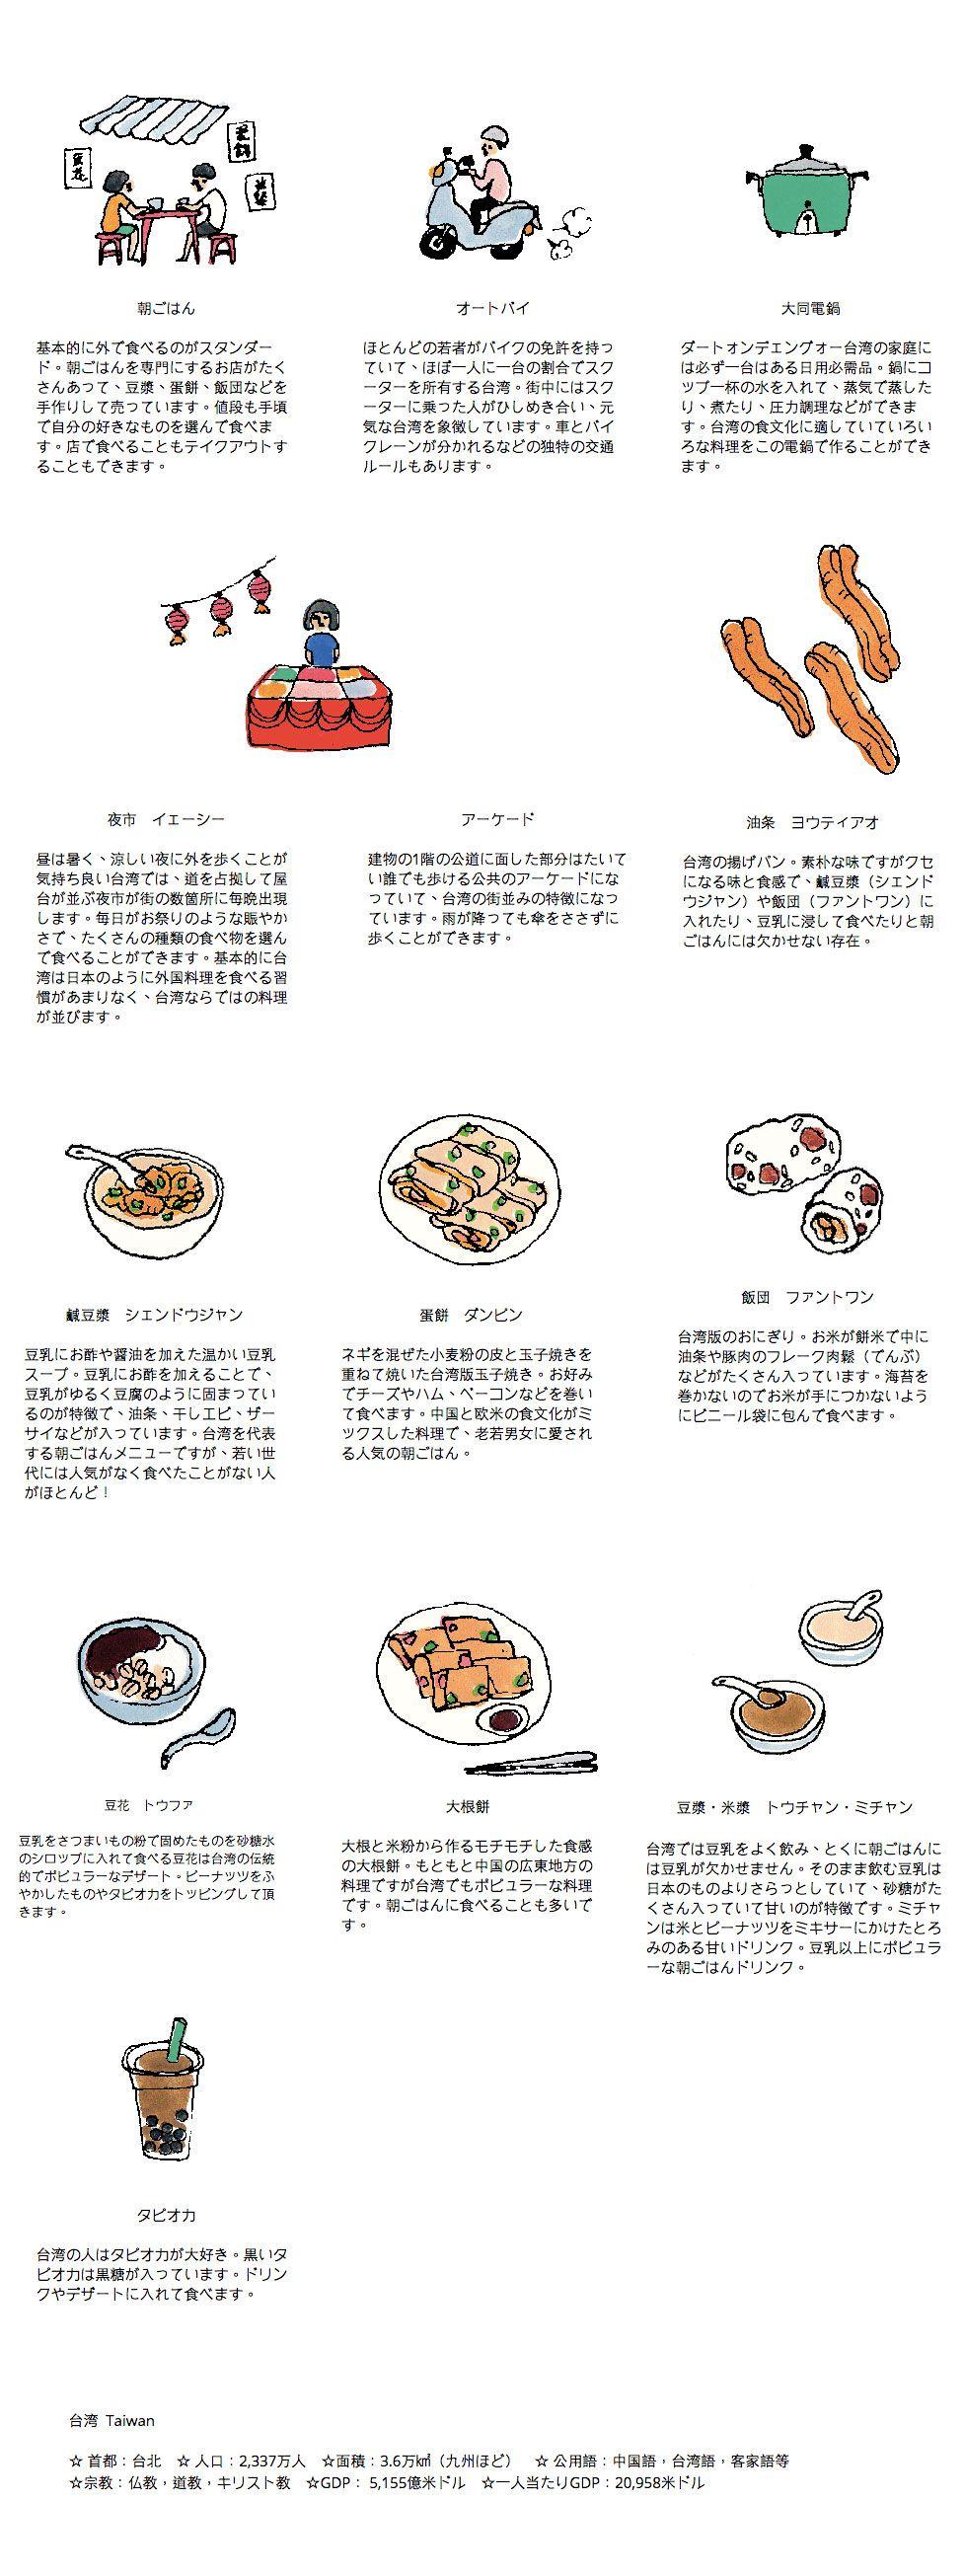 早餐要吃得好 日本這間各國早餐專門店最新推出台灣式飯糰 蛋餅套餐 A Day Magazine Graphic Design Posters Menu Design Graphic Design